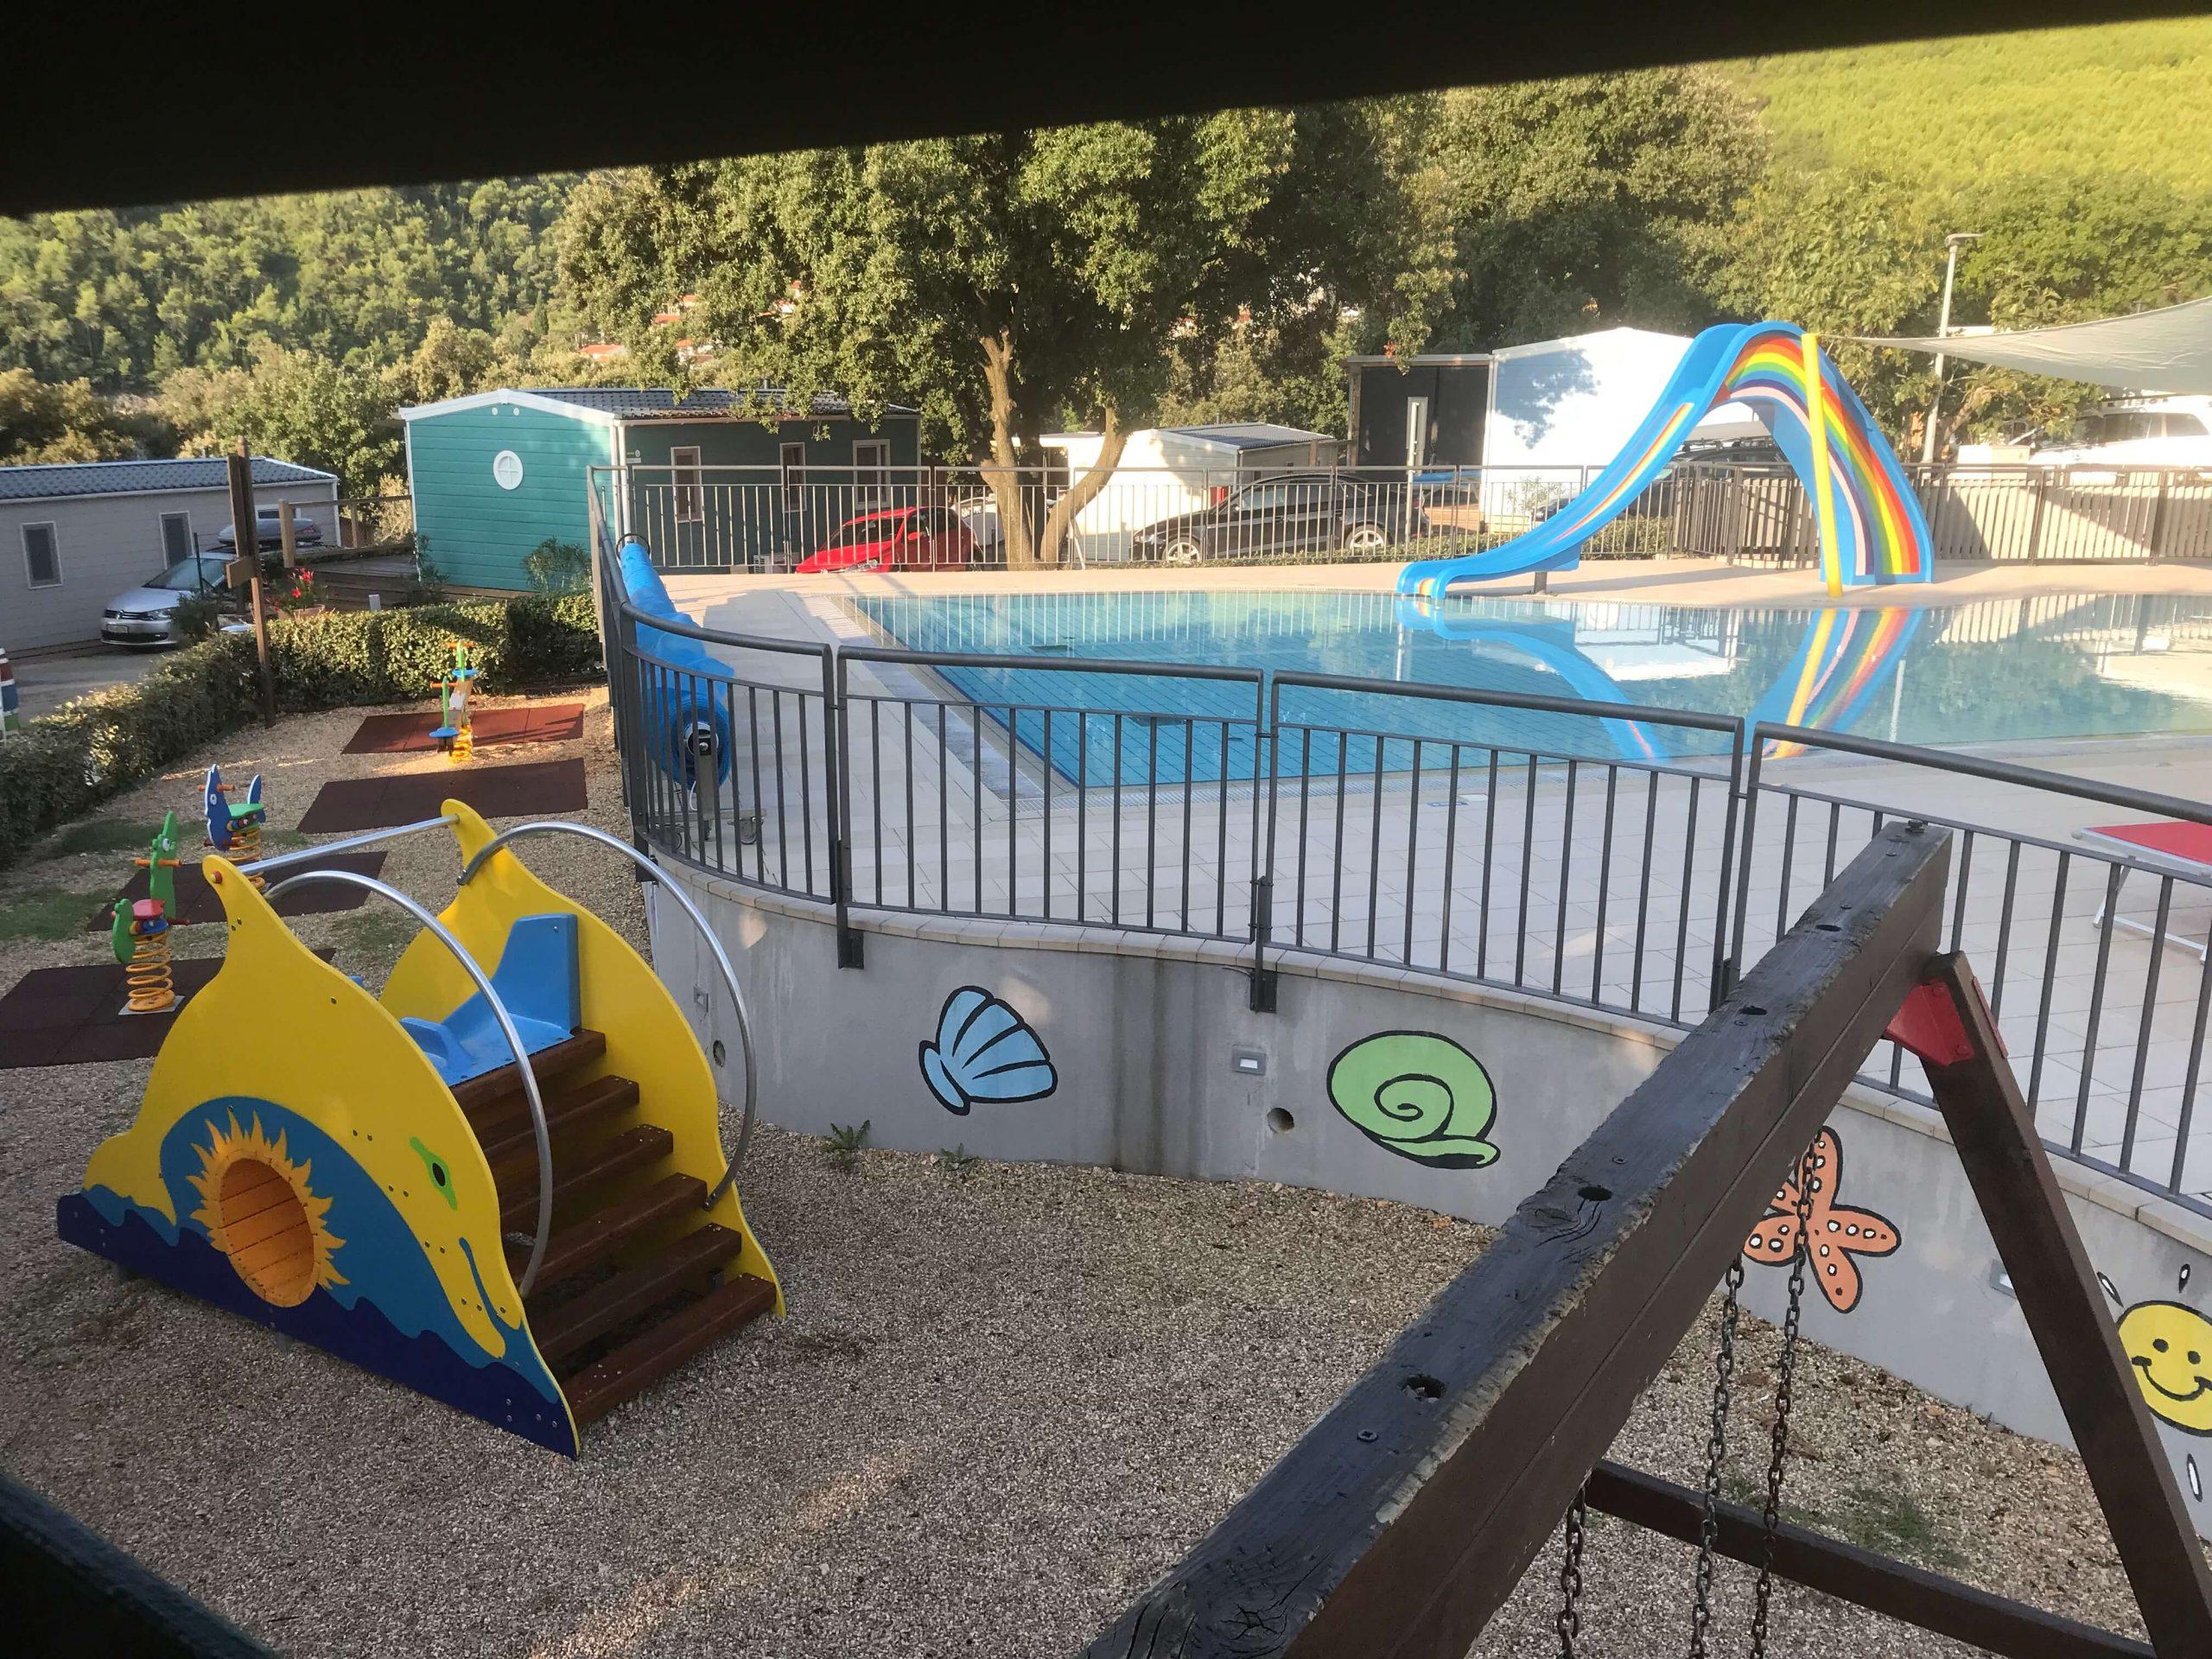 Kinder-Pool und Spielplatz | © Ivonne Wolter